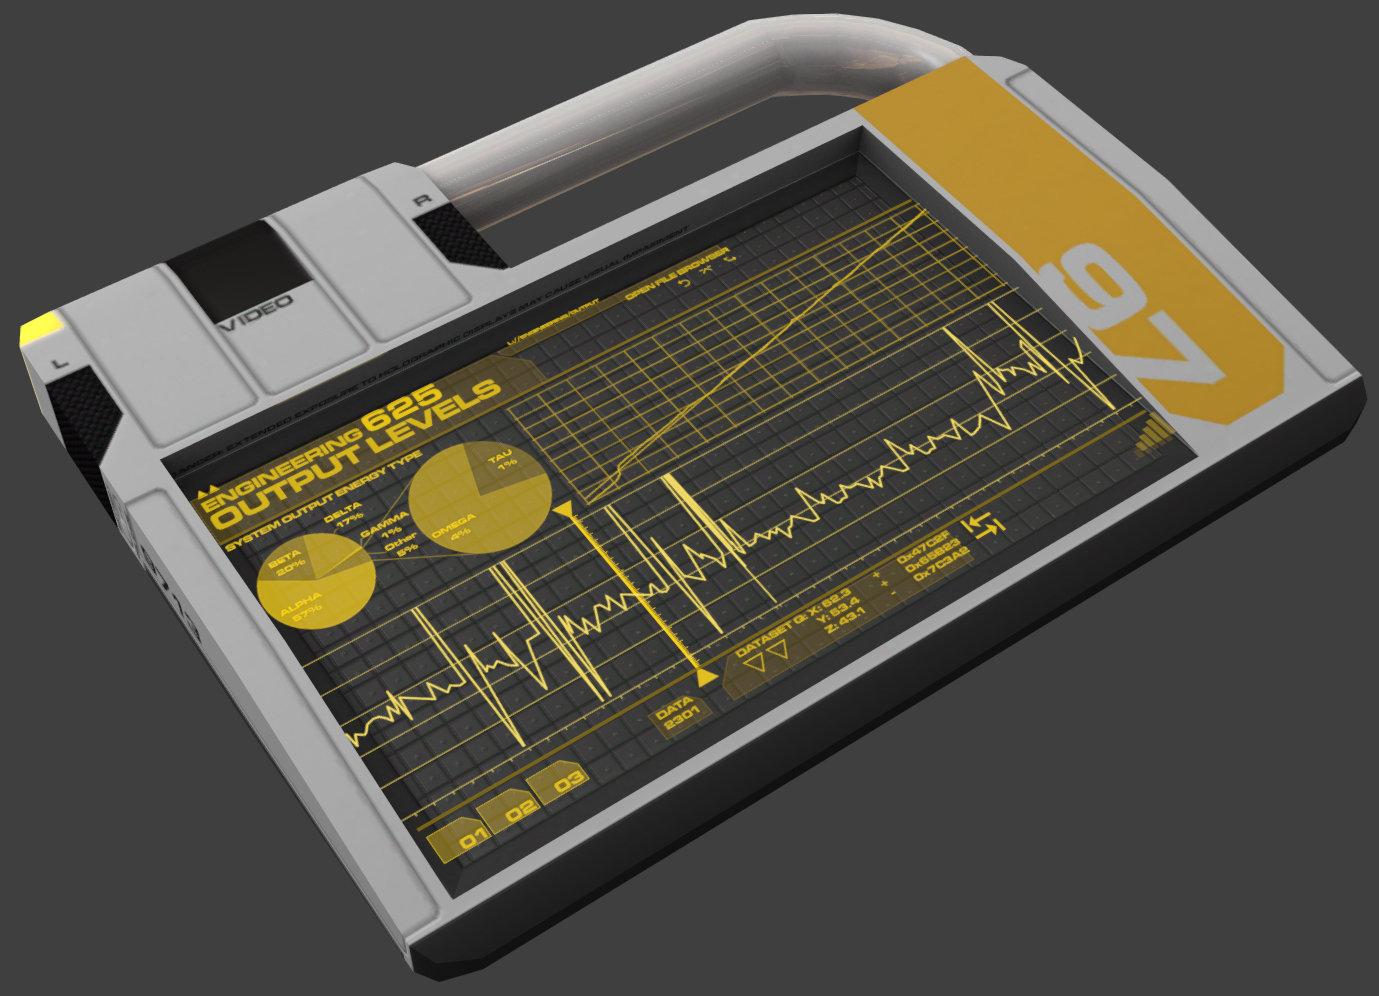 Ben bickle scifi tablet2